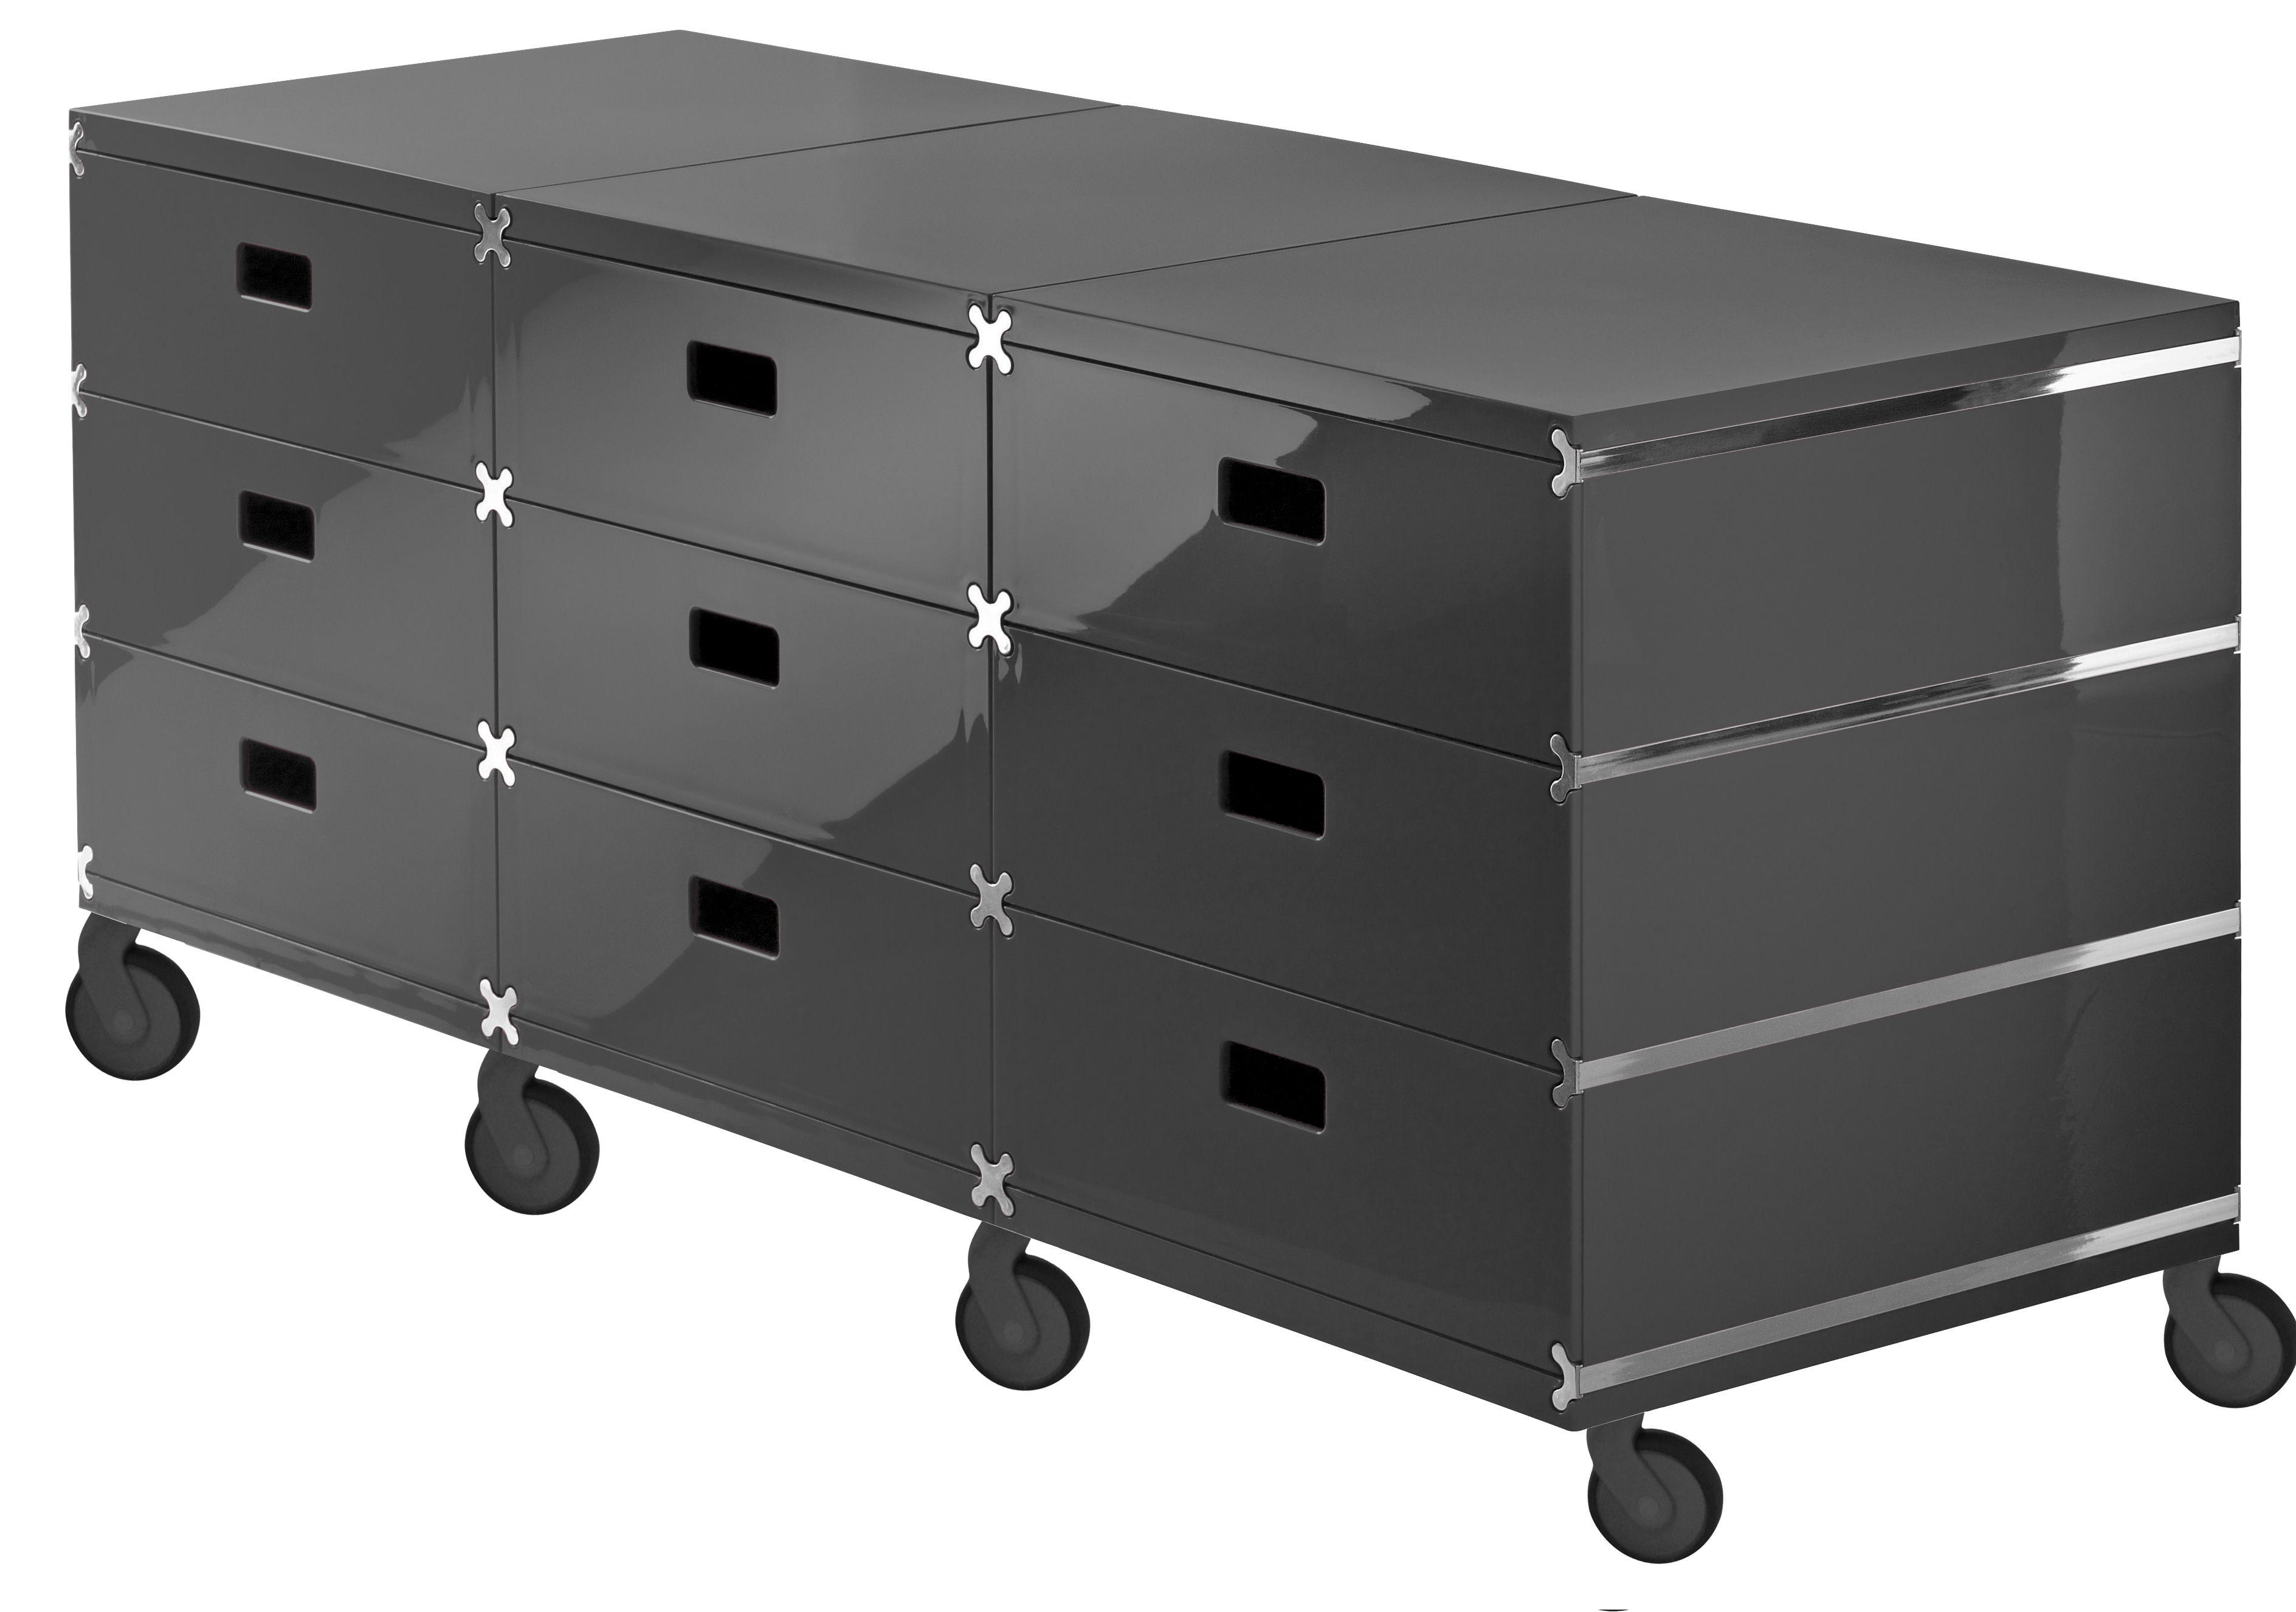 rangement plus unit 9 tiroirs sur roulettes gris anthracite magis. Black Bedroom Furniture Sets. Home Design Ideas